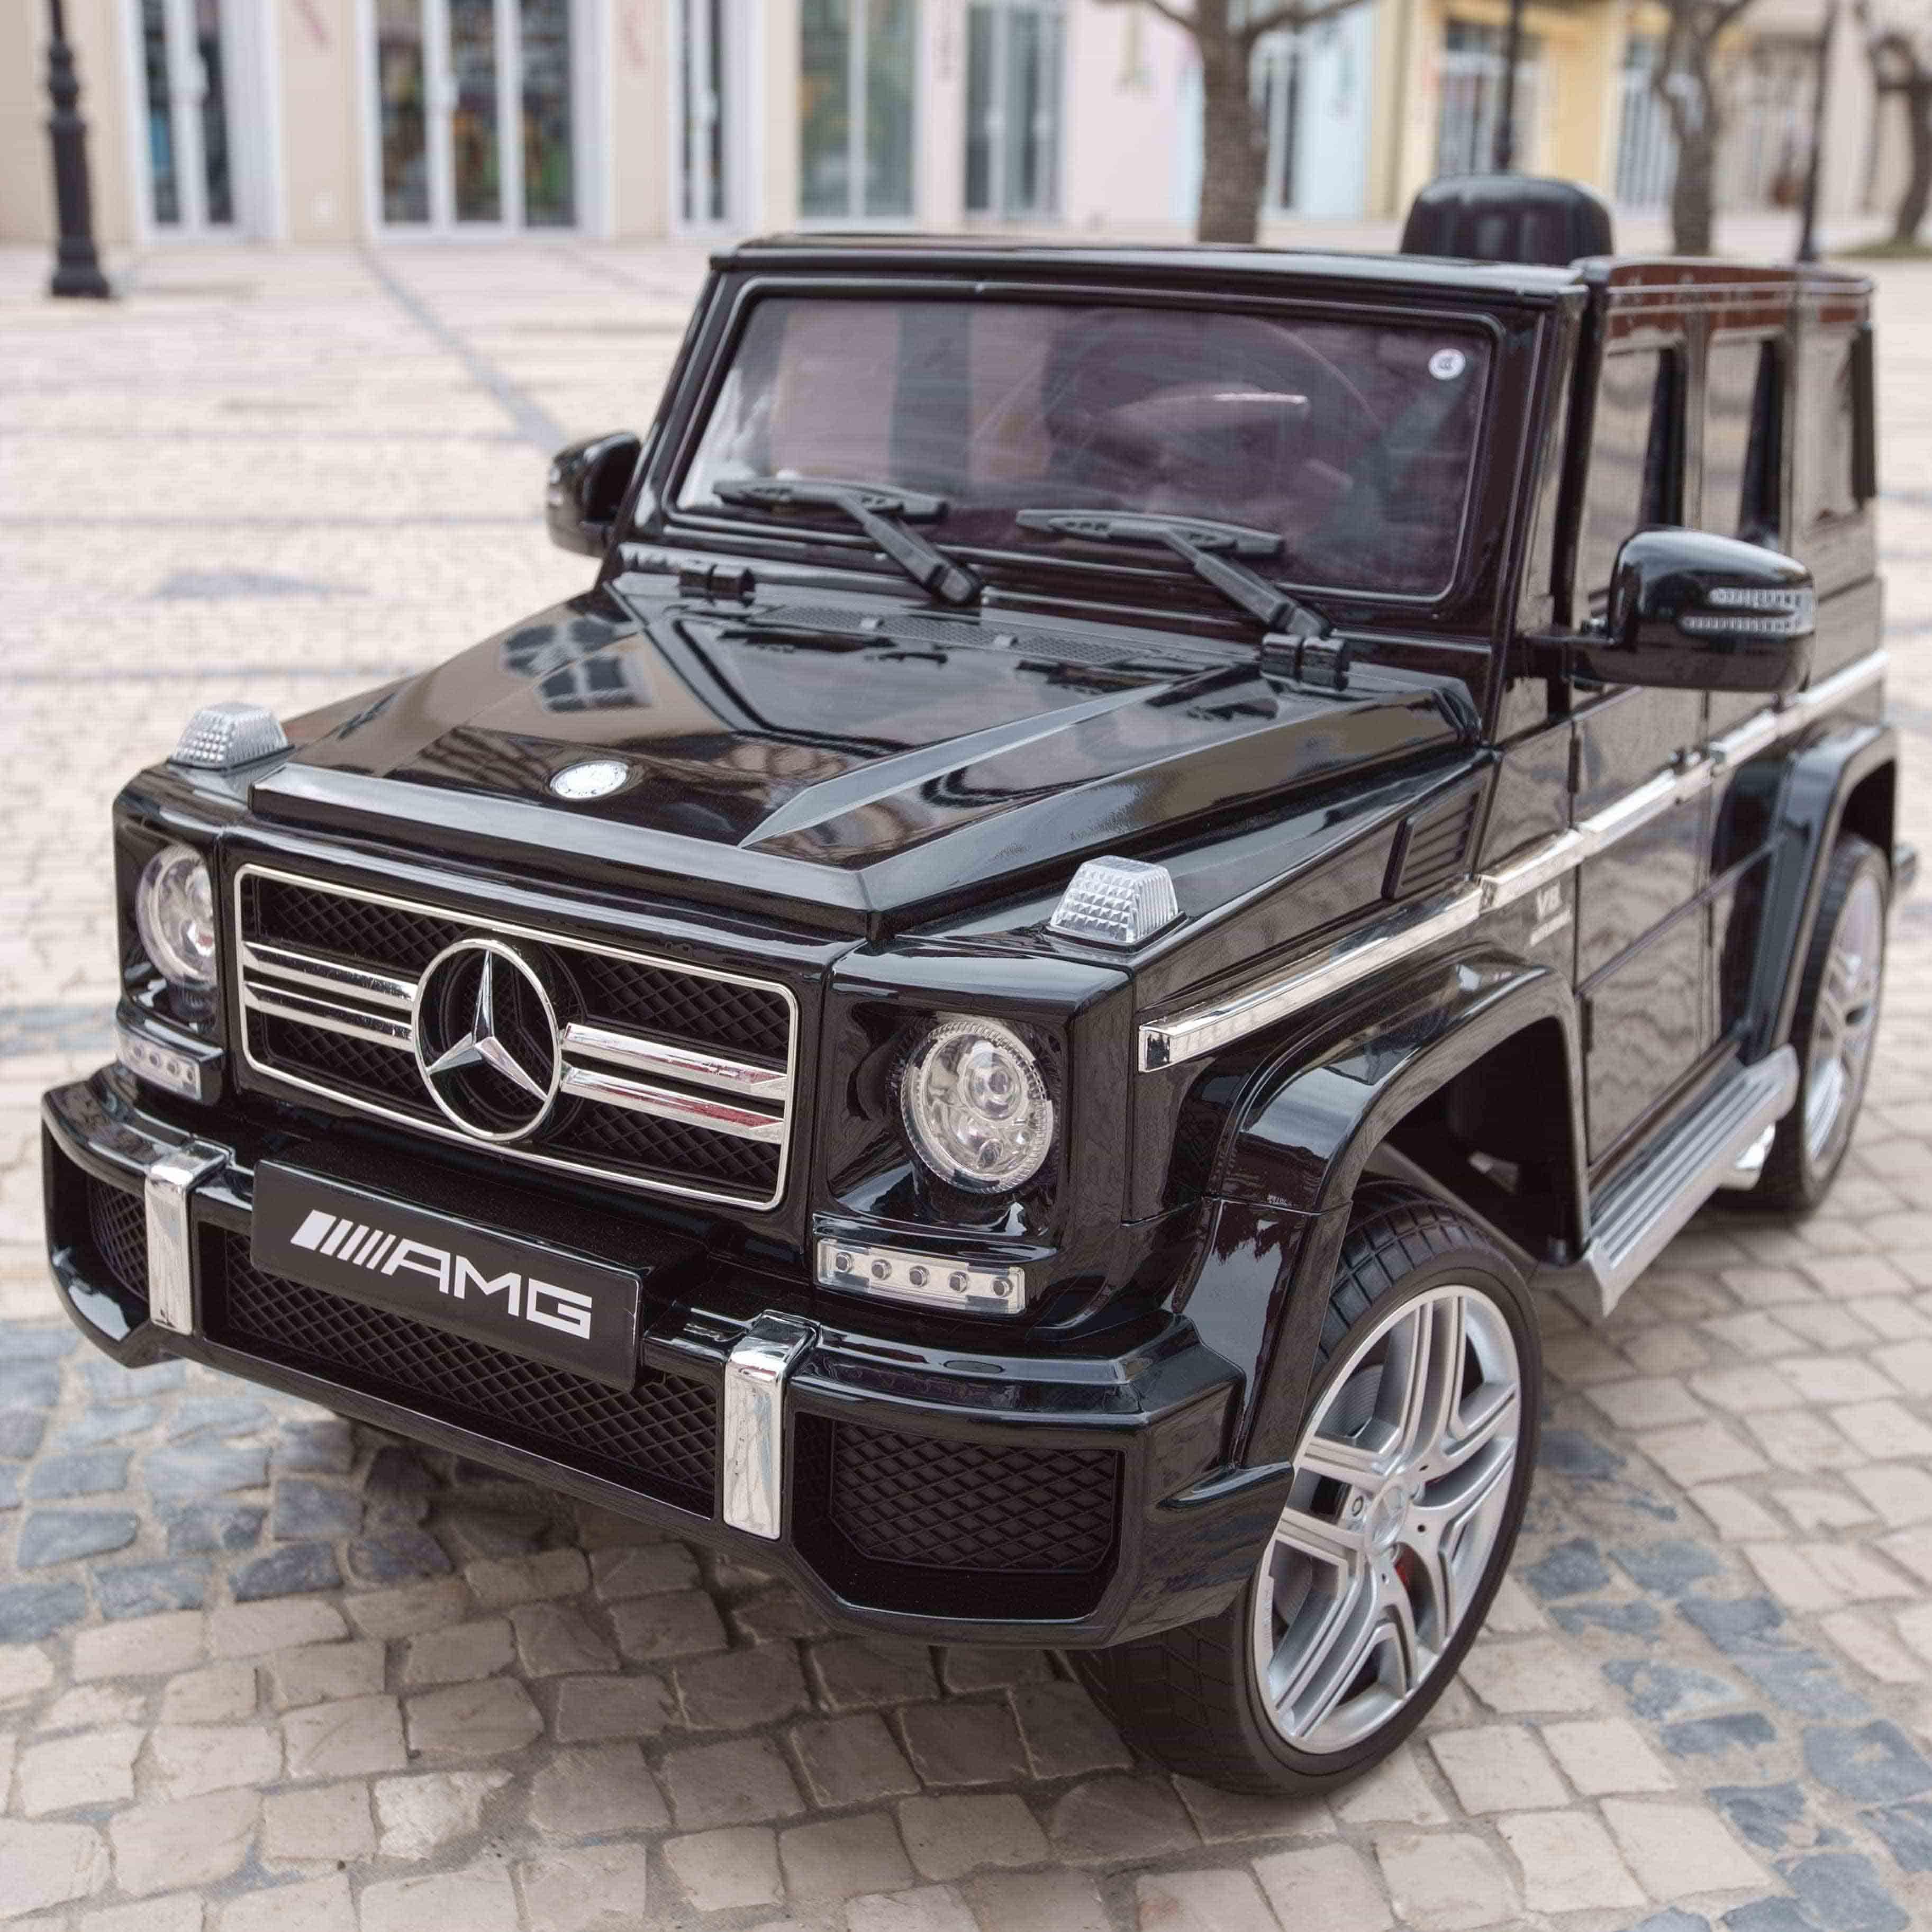 奔驰授权G63 儿童电动玩具车遥控车四轮驱动充电婴儿可座童车包邮